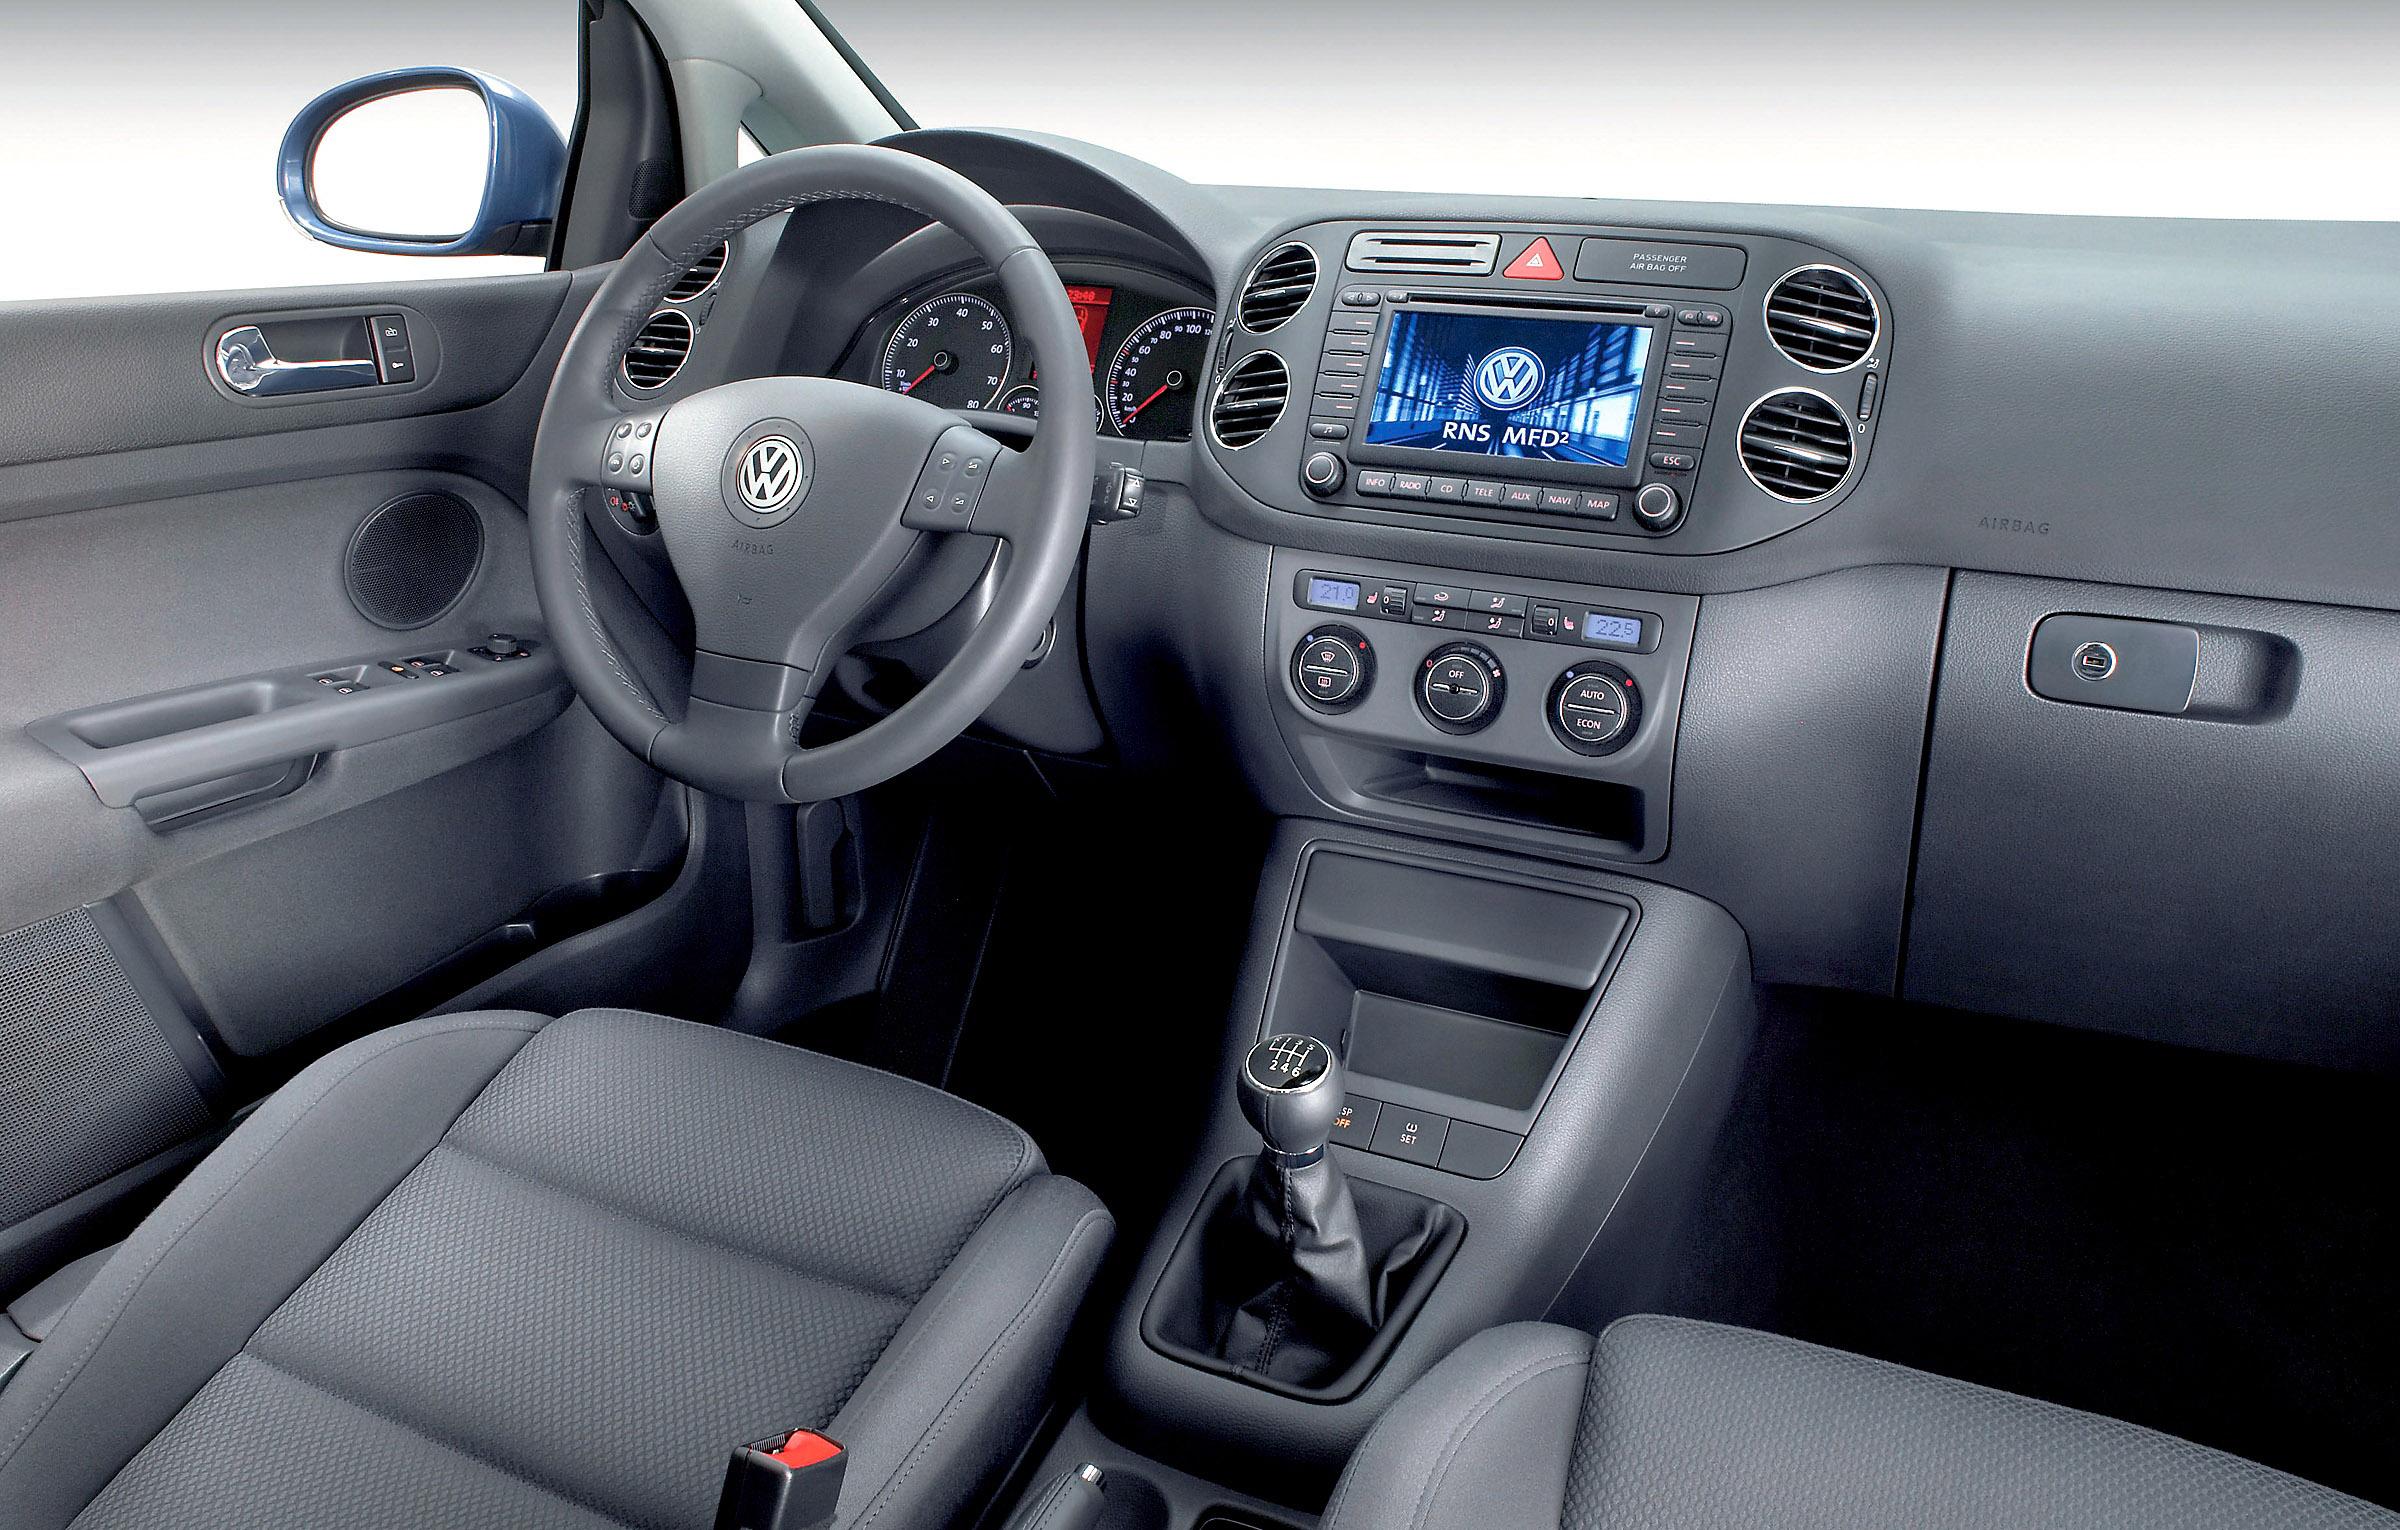 2004 Volkswagen Golf Plus Picture 71728